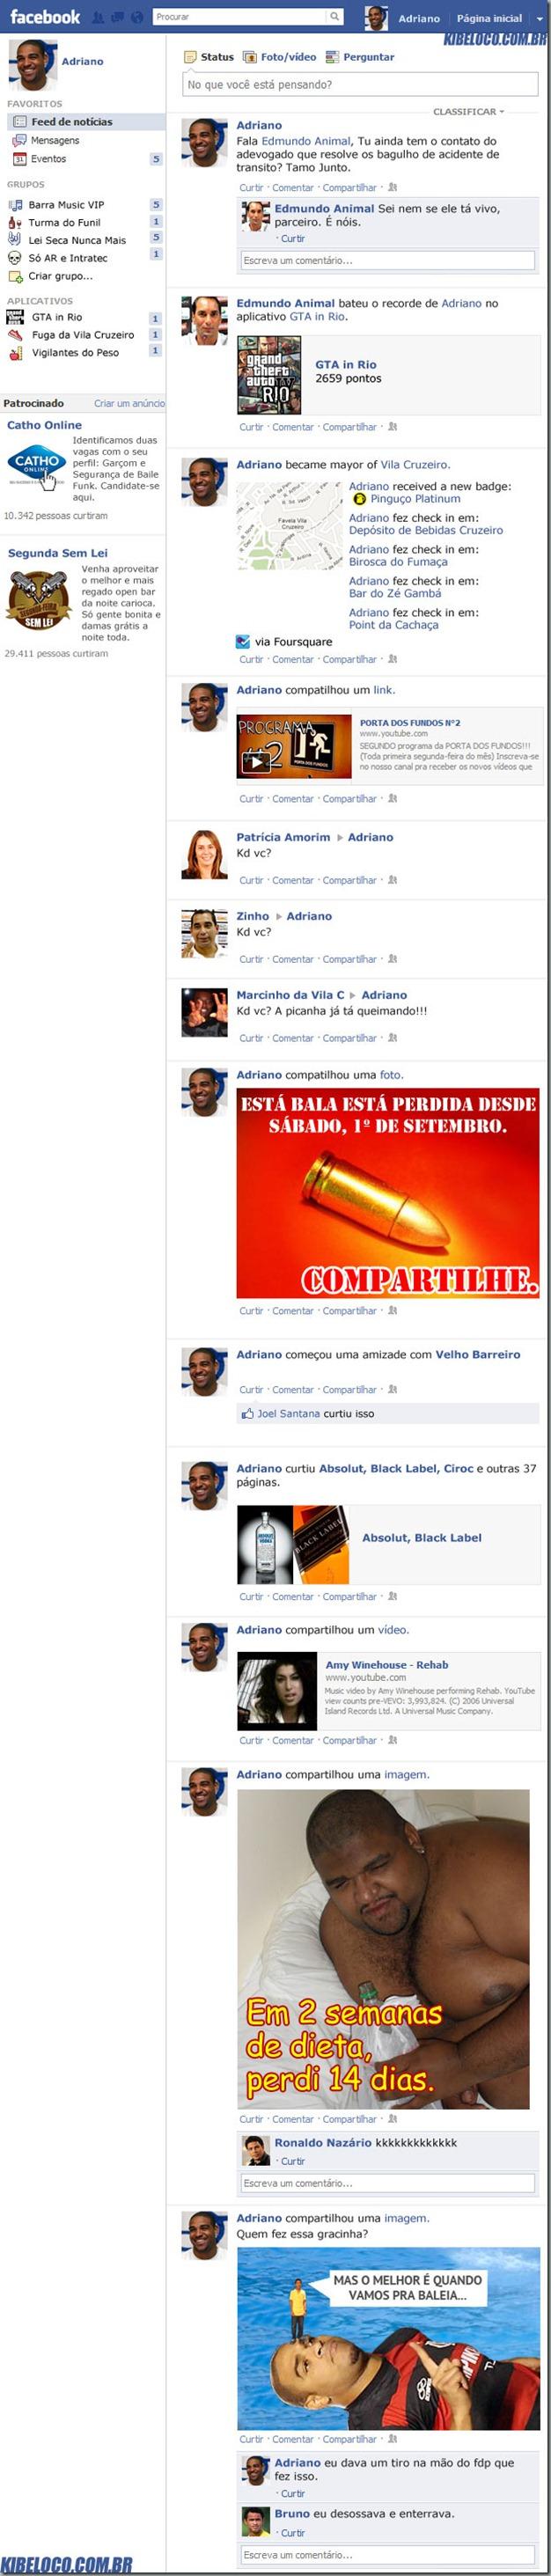 Facebook-Adriano